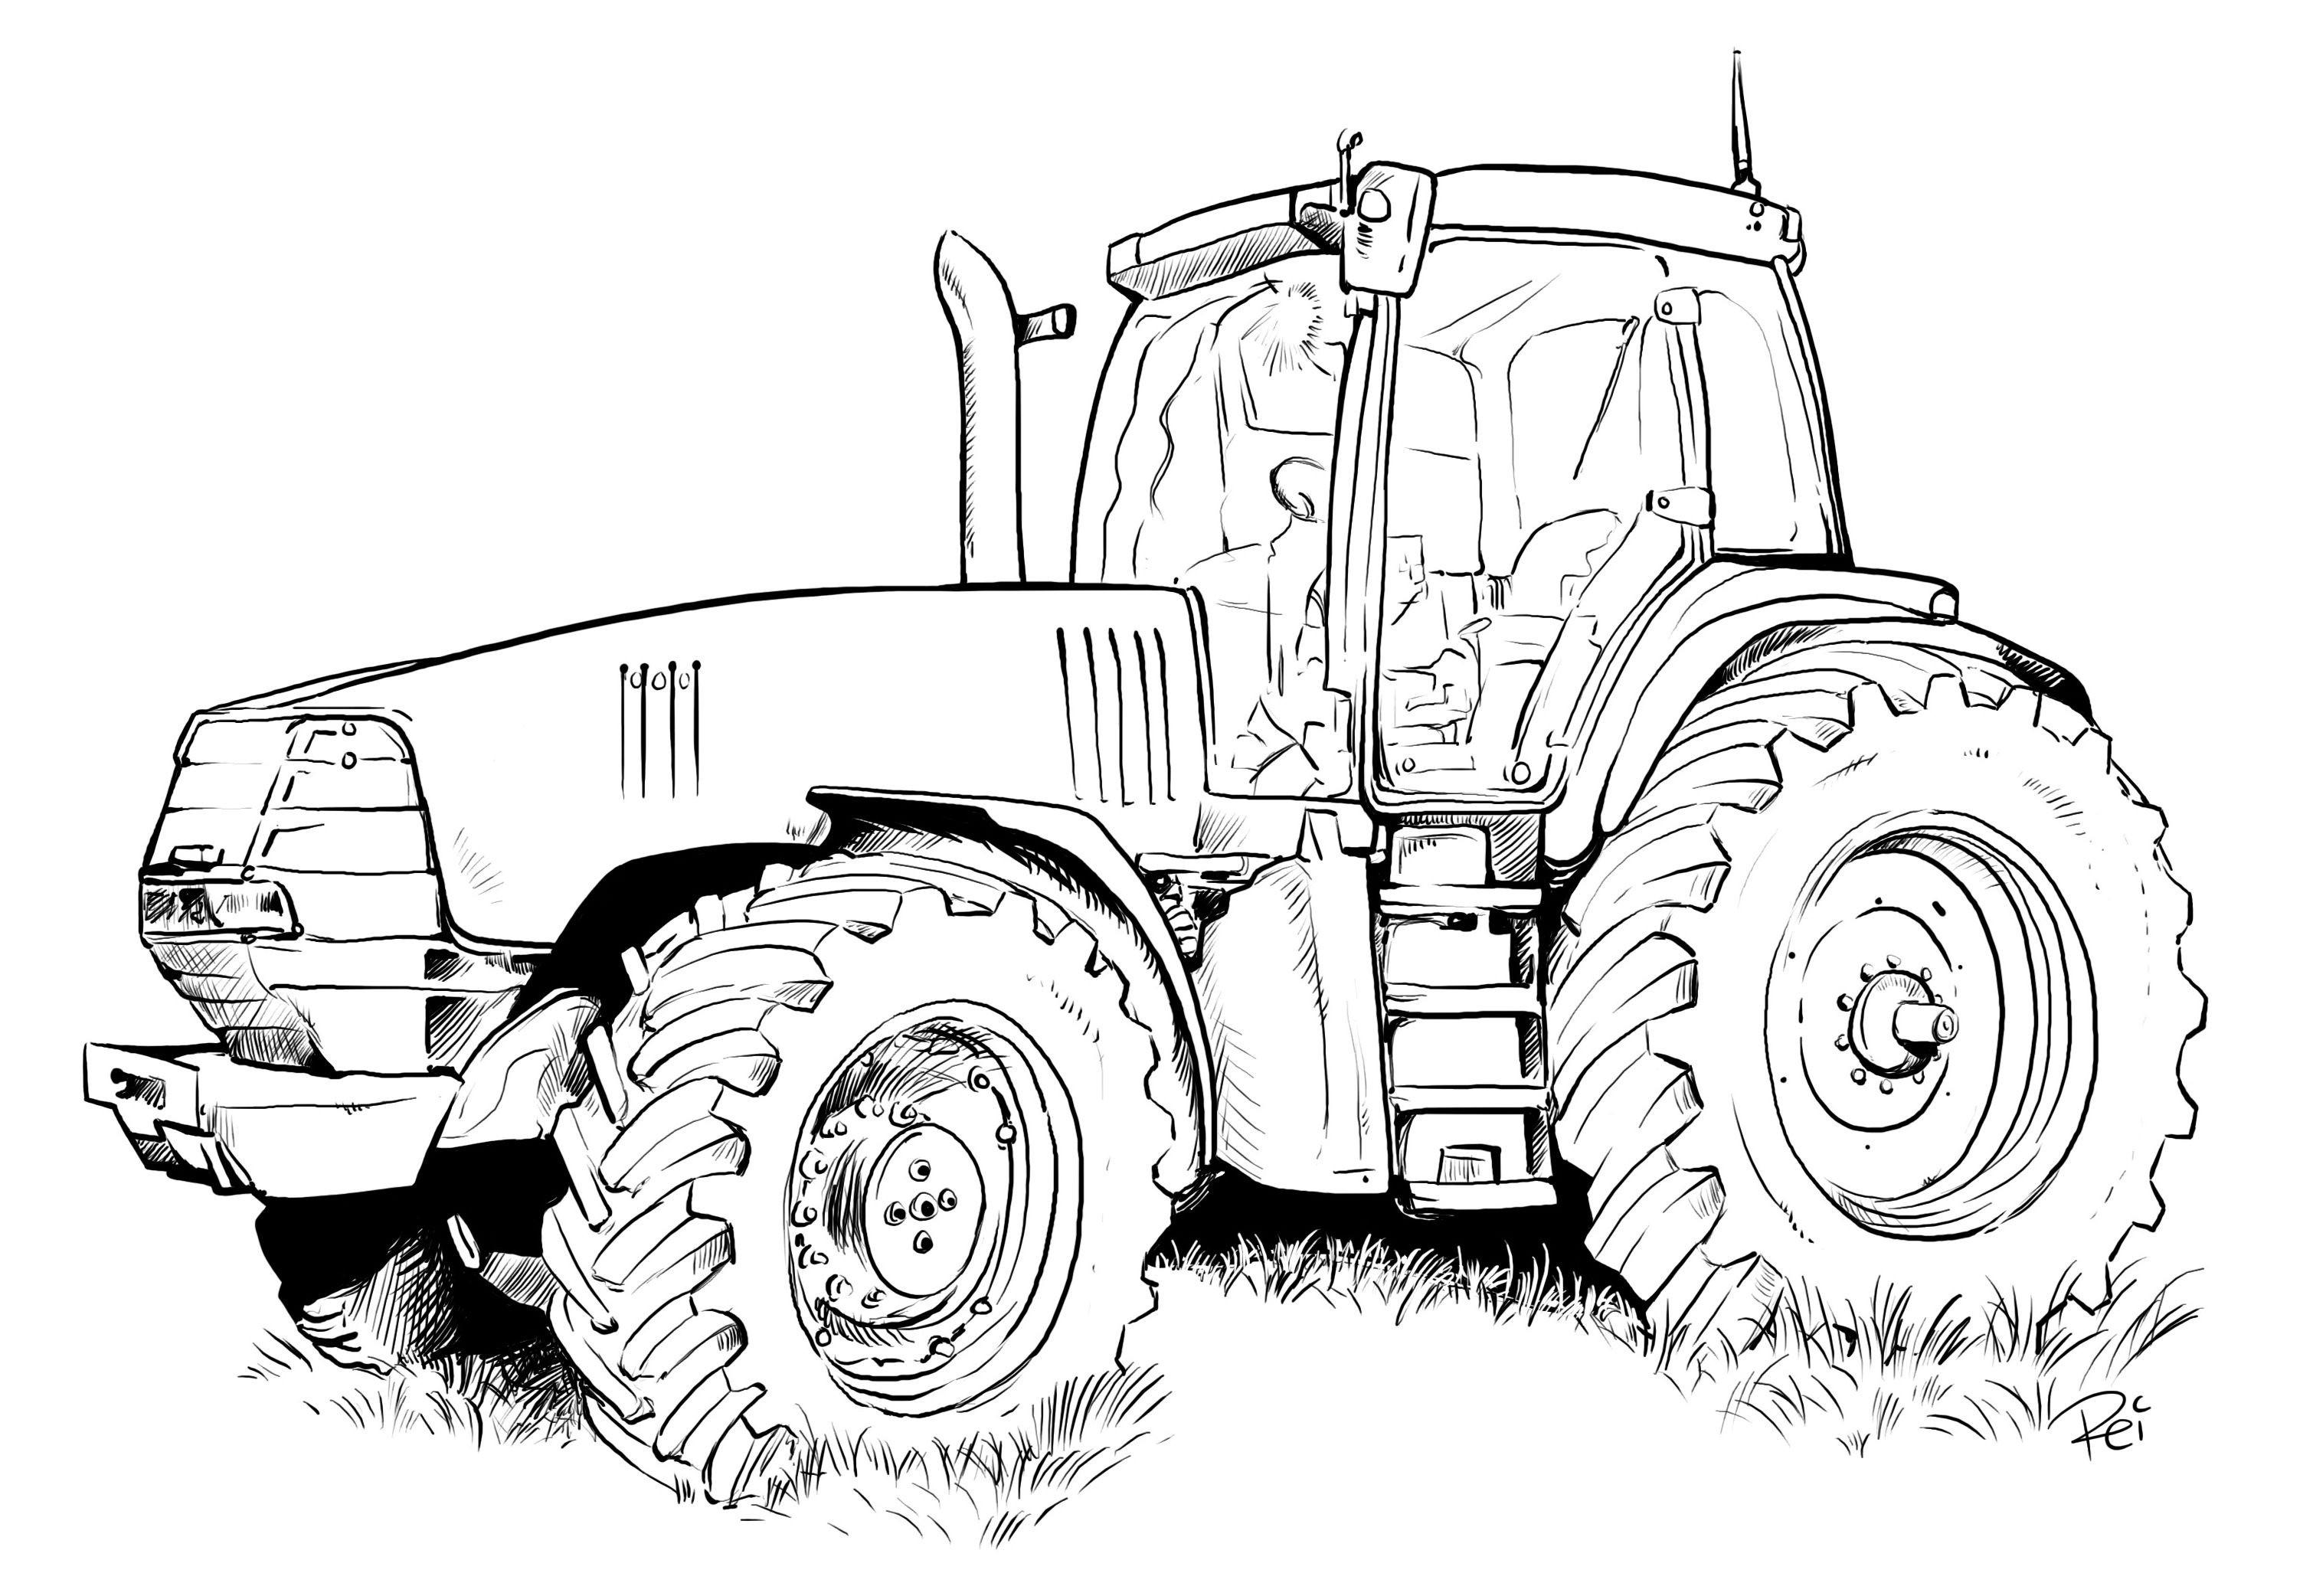 Malvorlage Lightning Mcqueen Neu Traktoren Bilder Zum Ausmalen Bauernhof Elegant Cars Ausmalbilder Stock